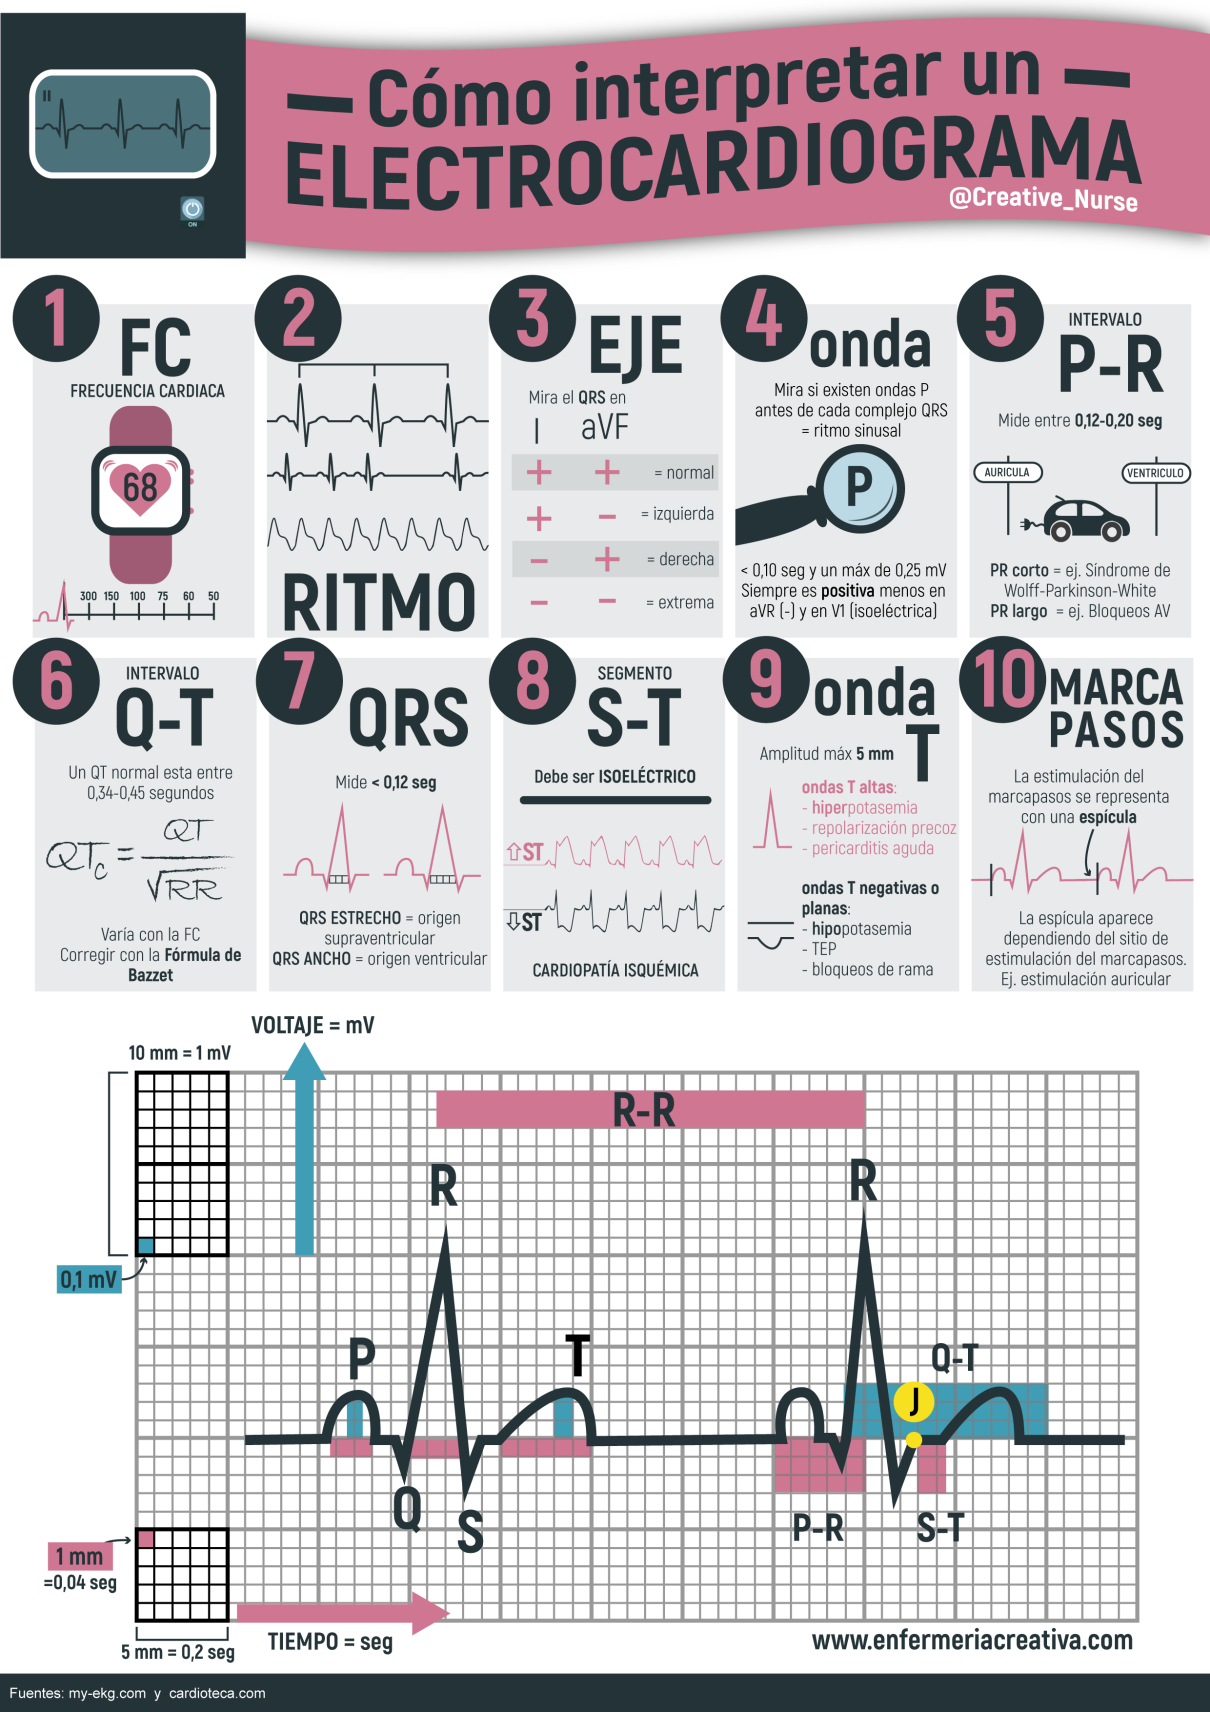 Cómo interpretar un electrocardiograma | Enfermería, Medicina y Salud